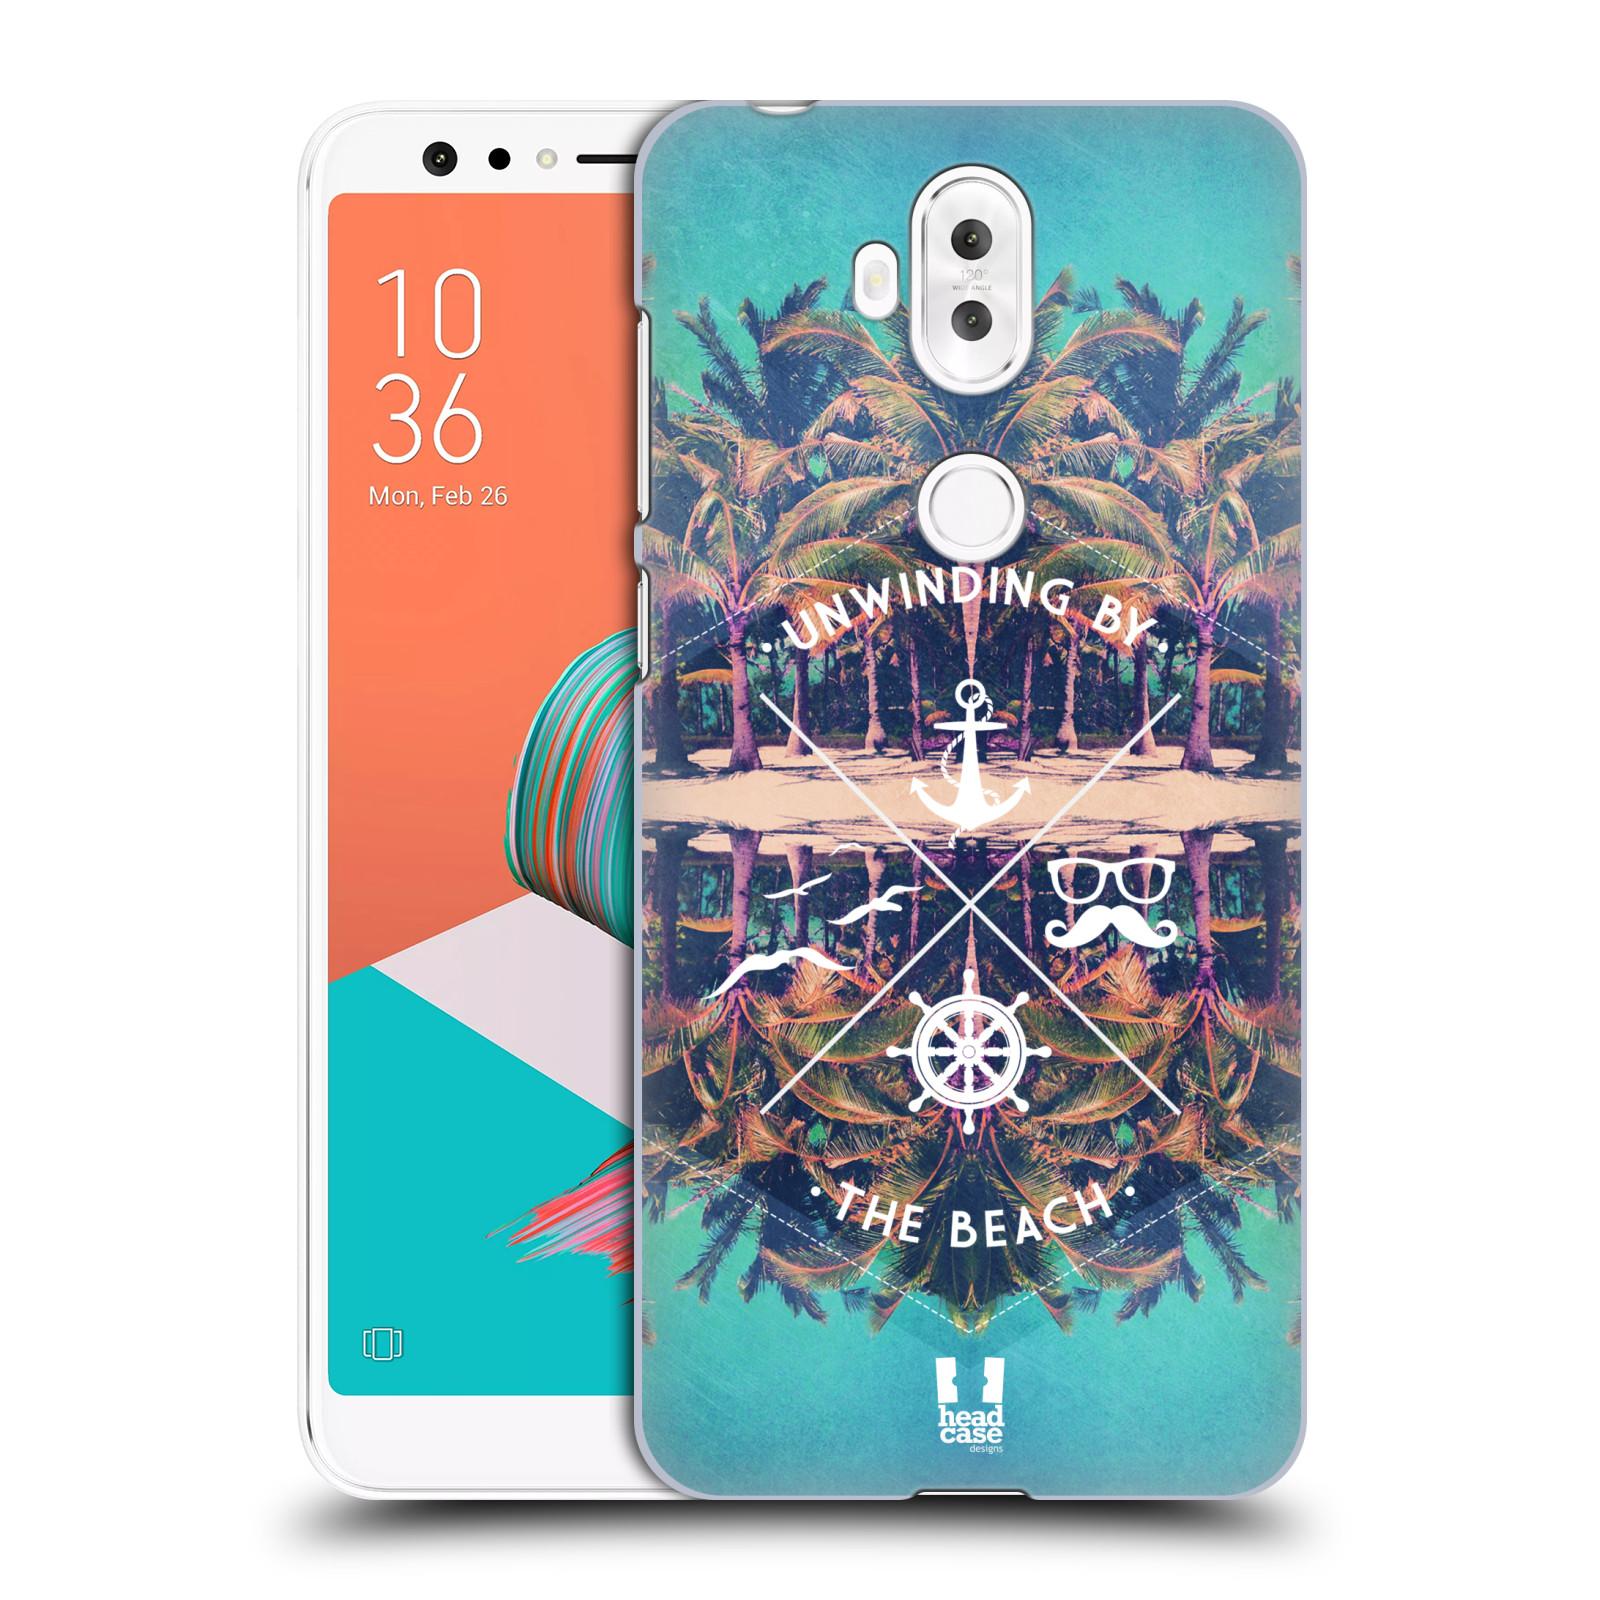 Plastové pouzdro na mobil Asus ZenFone 5 Lite ZC600KL - Head Case - Bezvětří (Plastový kryt či obal na mobilní telefon Asus ZenFone 5 Lite (ZC600KL) s motivem Bezvětří)